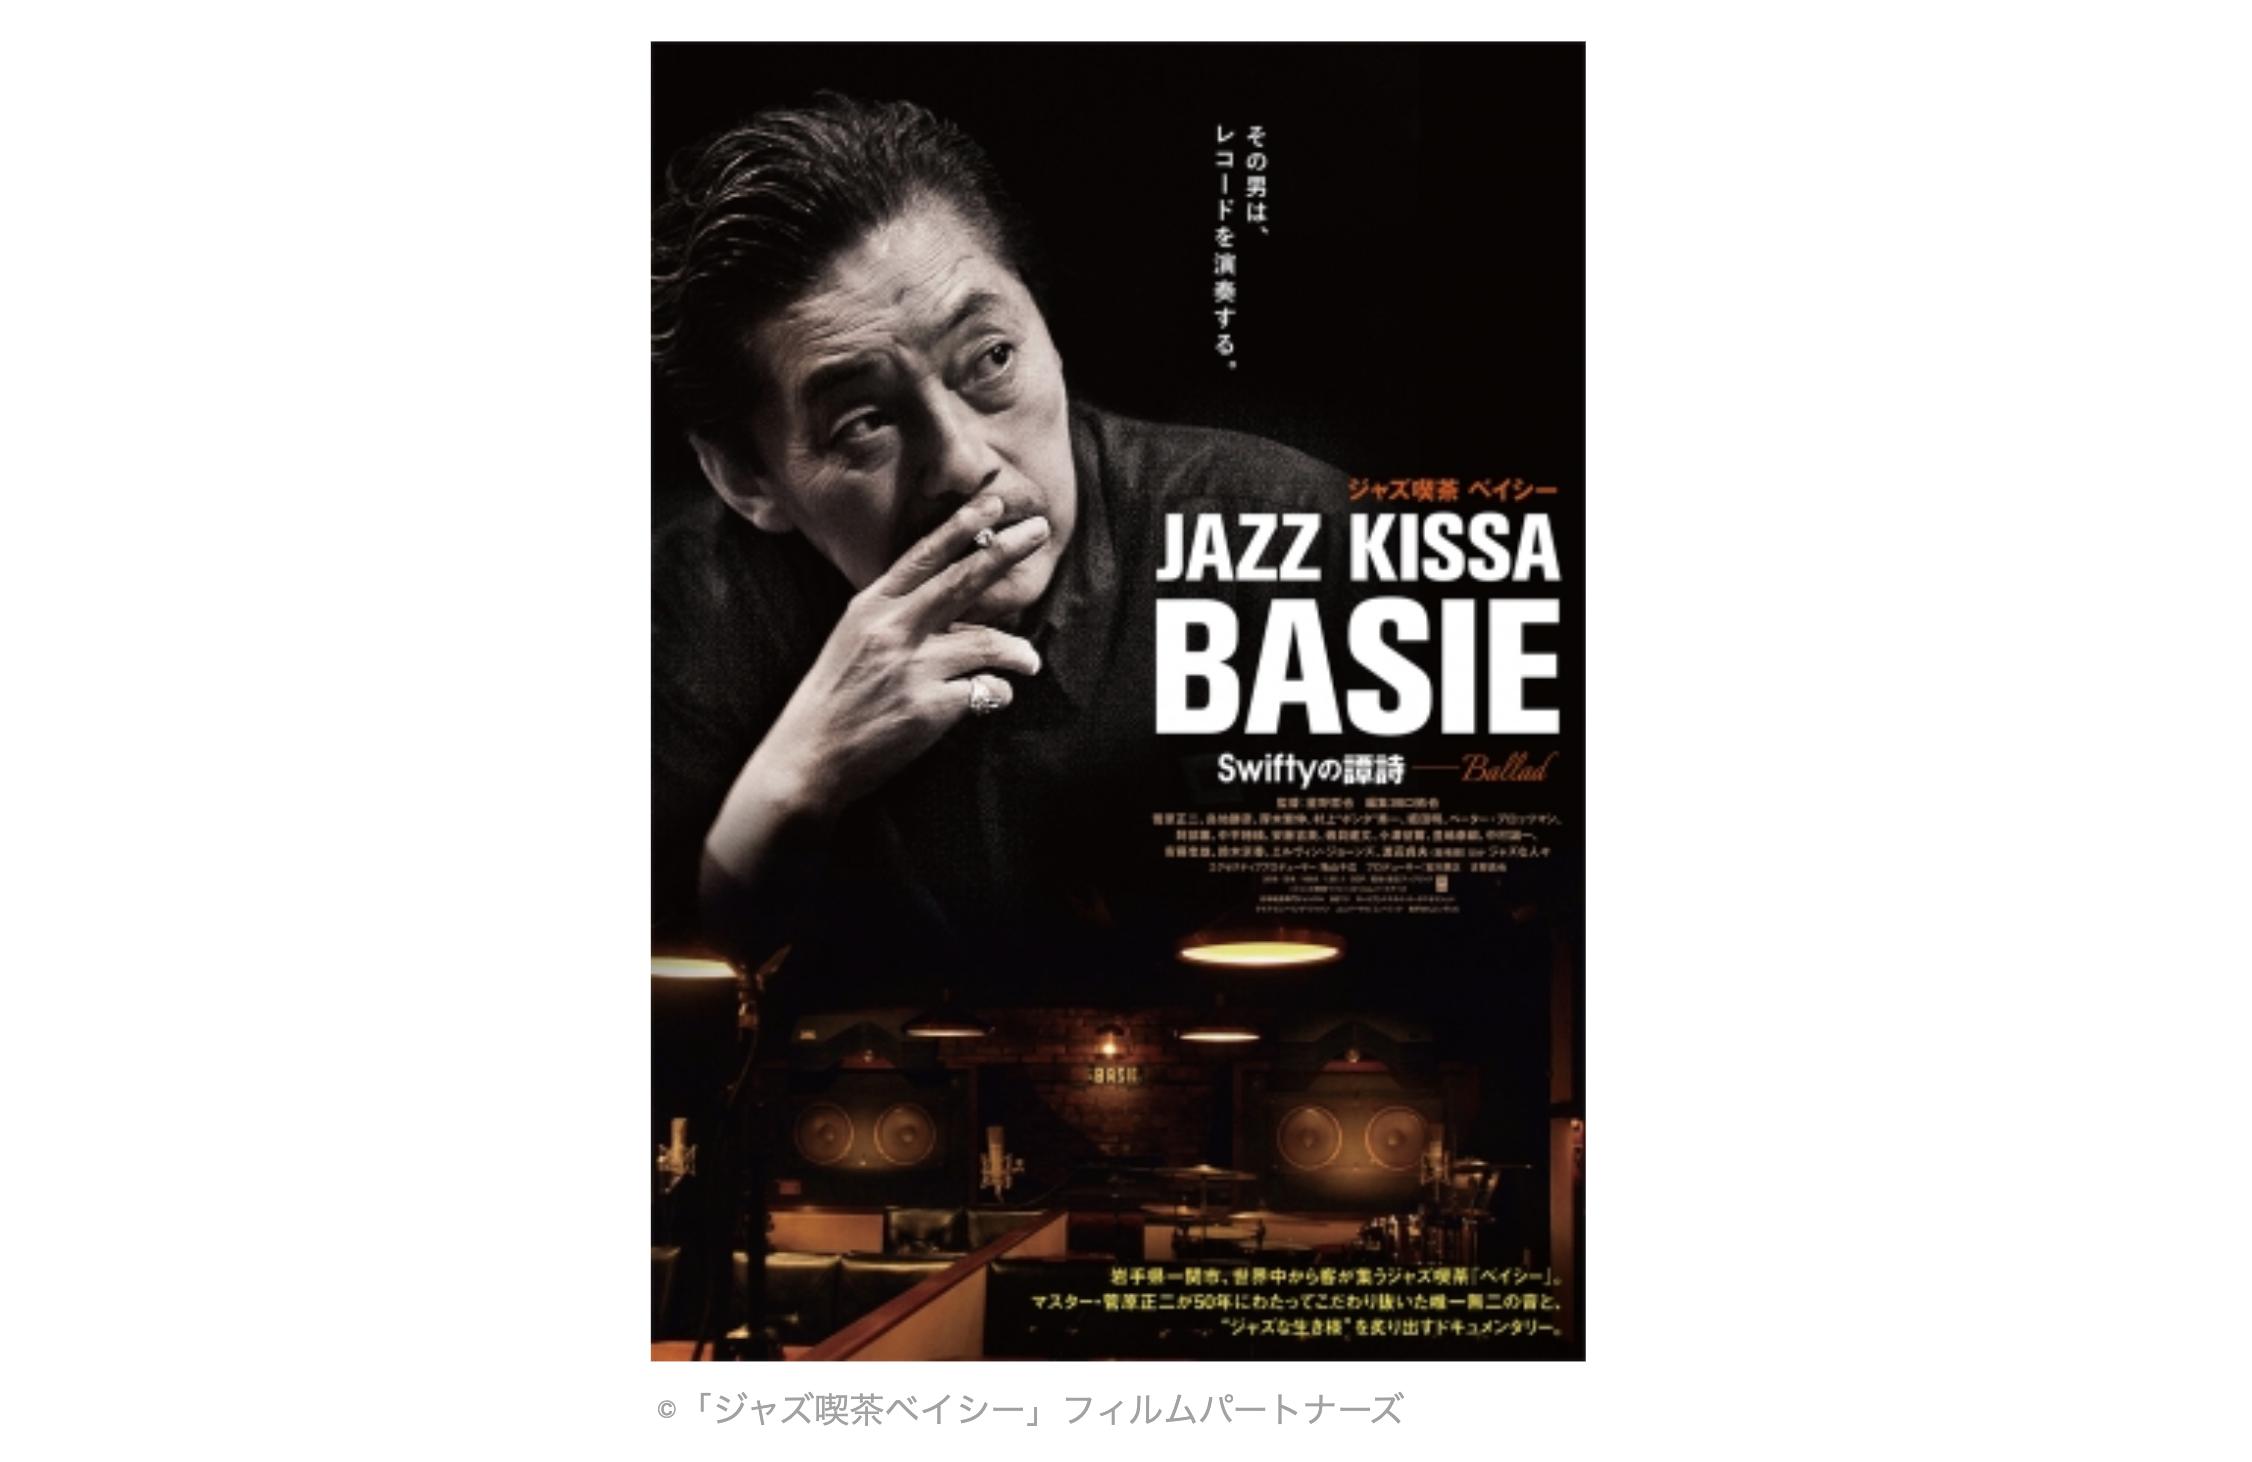 至高のジャズ喫茶「ベイシー」のマスター・菅原正二の生き様を描くドキュメンタリー映画が公開決定